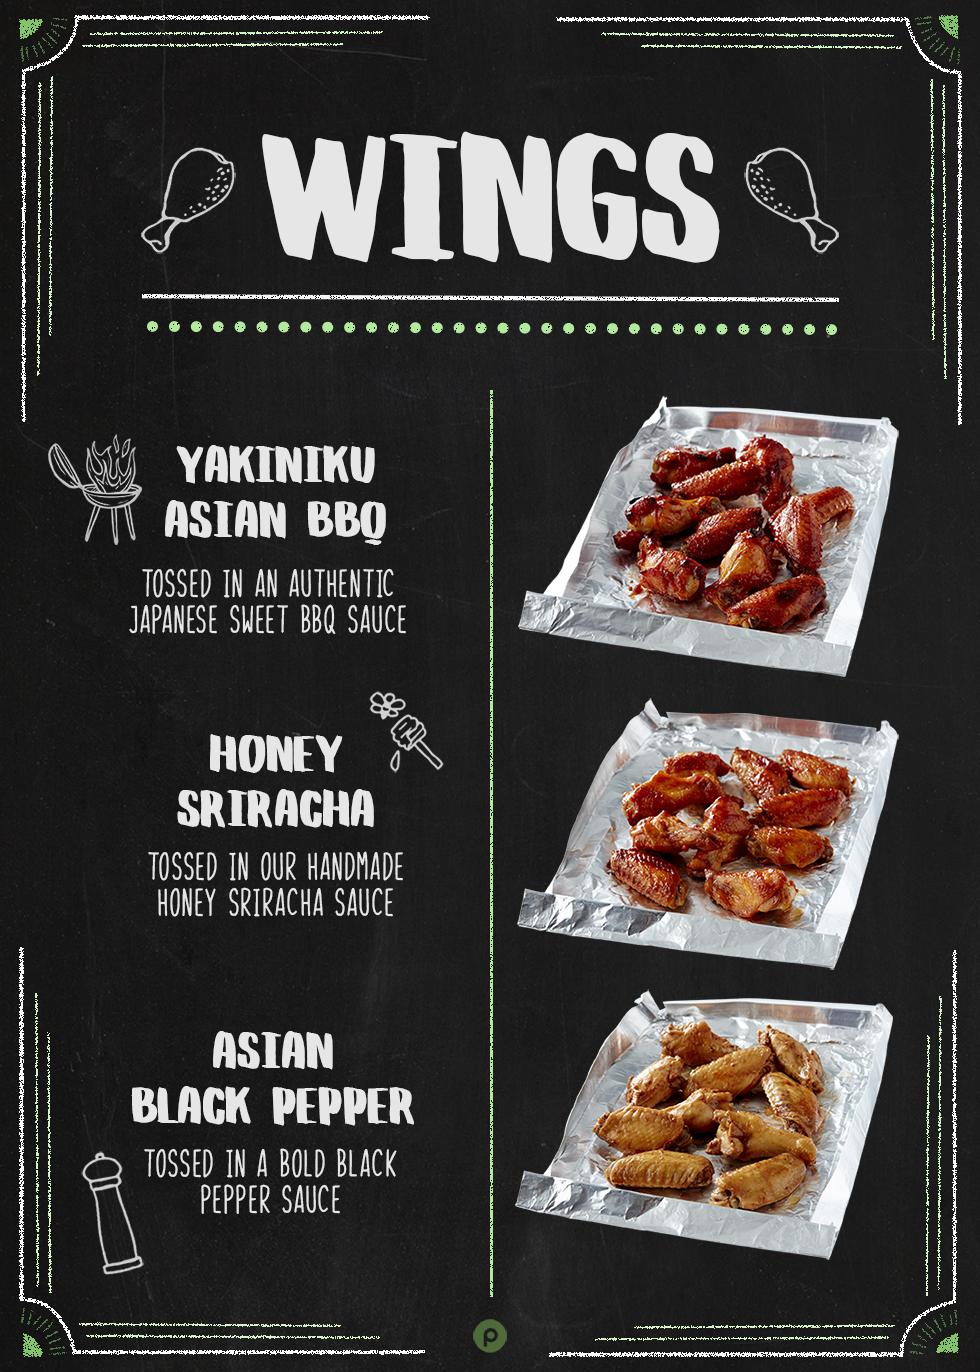 04_MB_ReadyCook_Wings